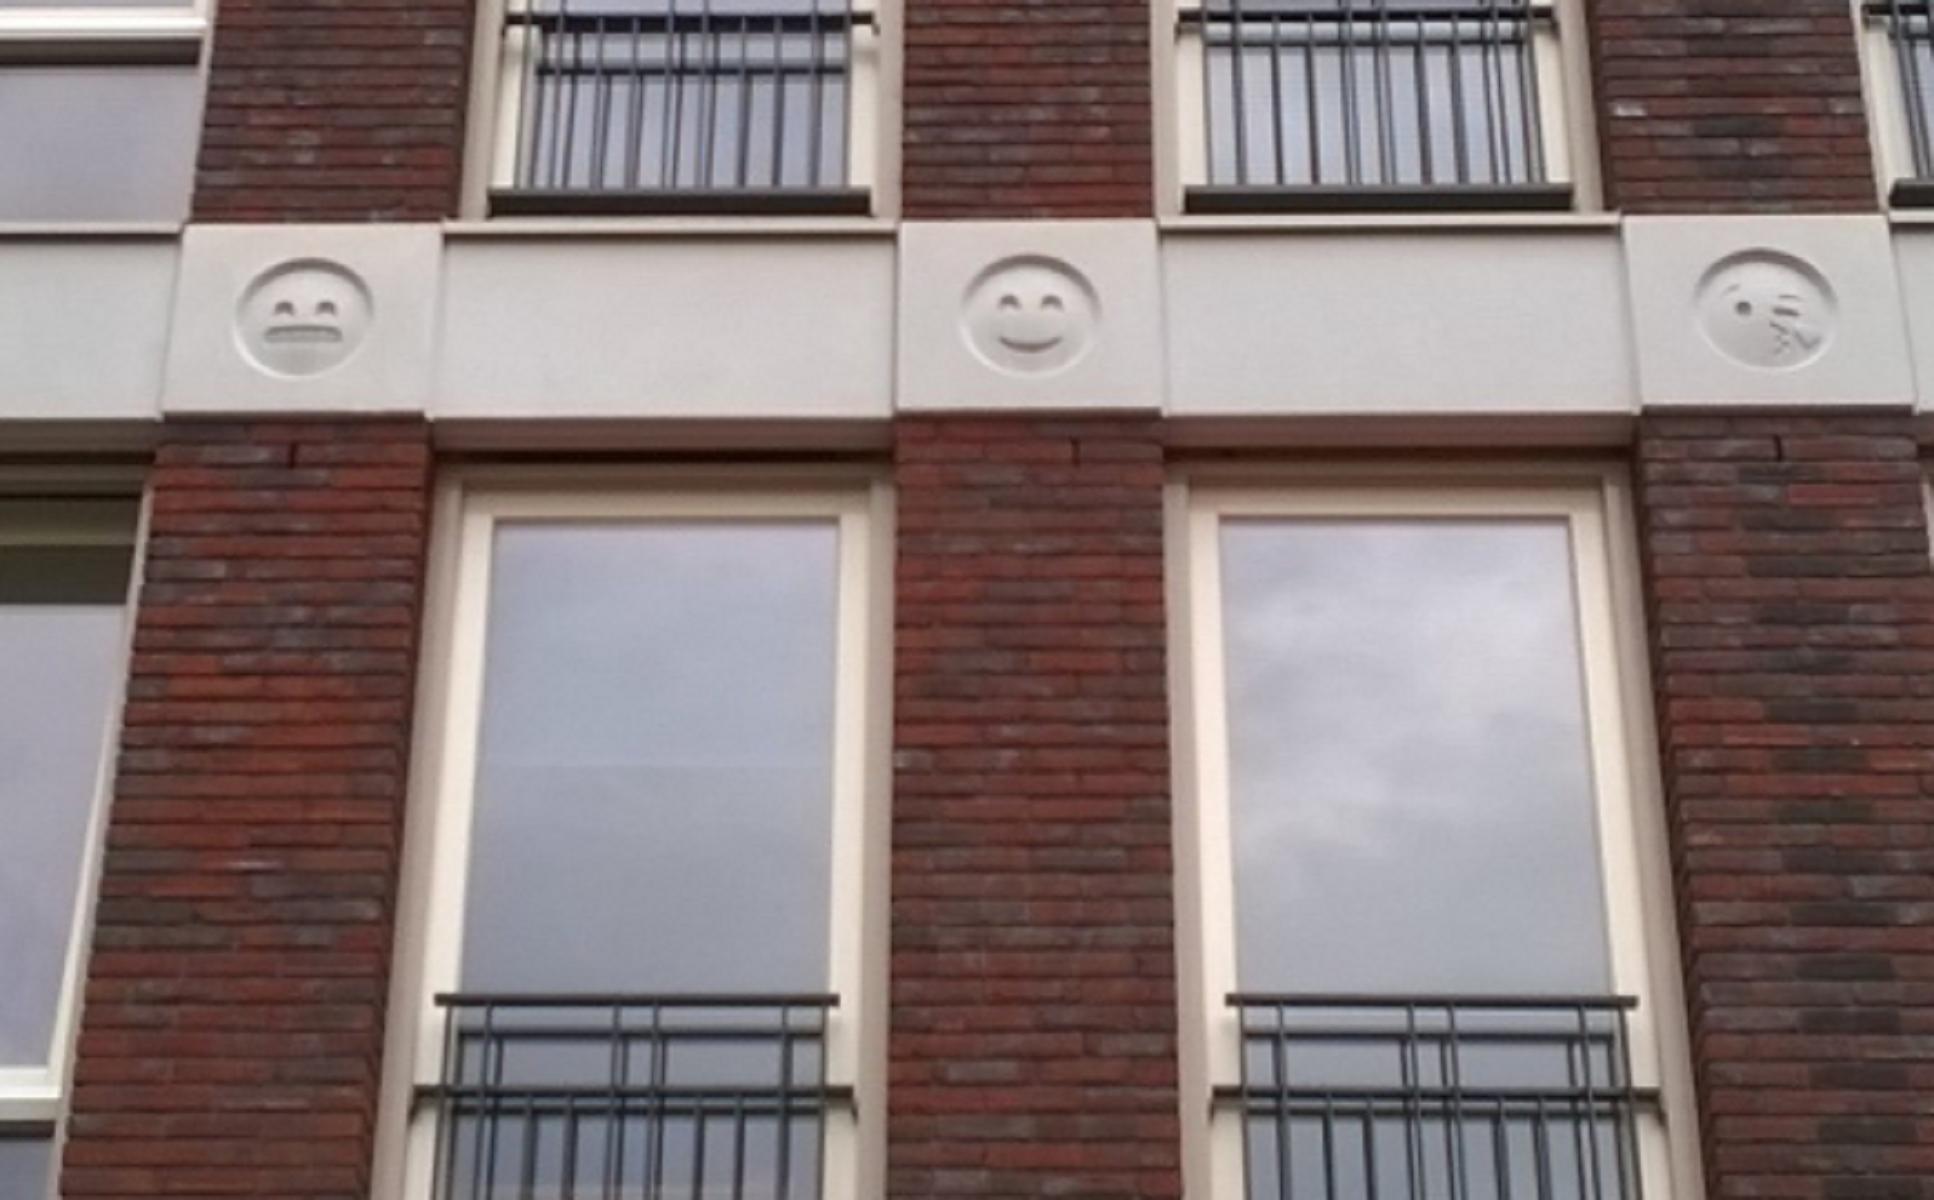 Pazzi per le emoji? In Olanda c'è un palazzo decorato con le facce